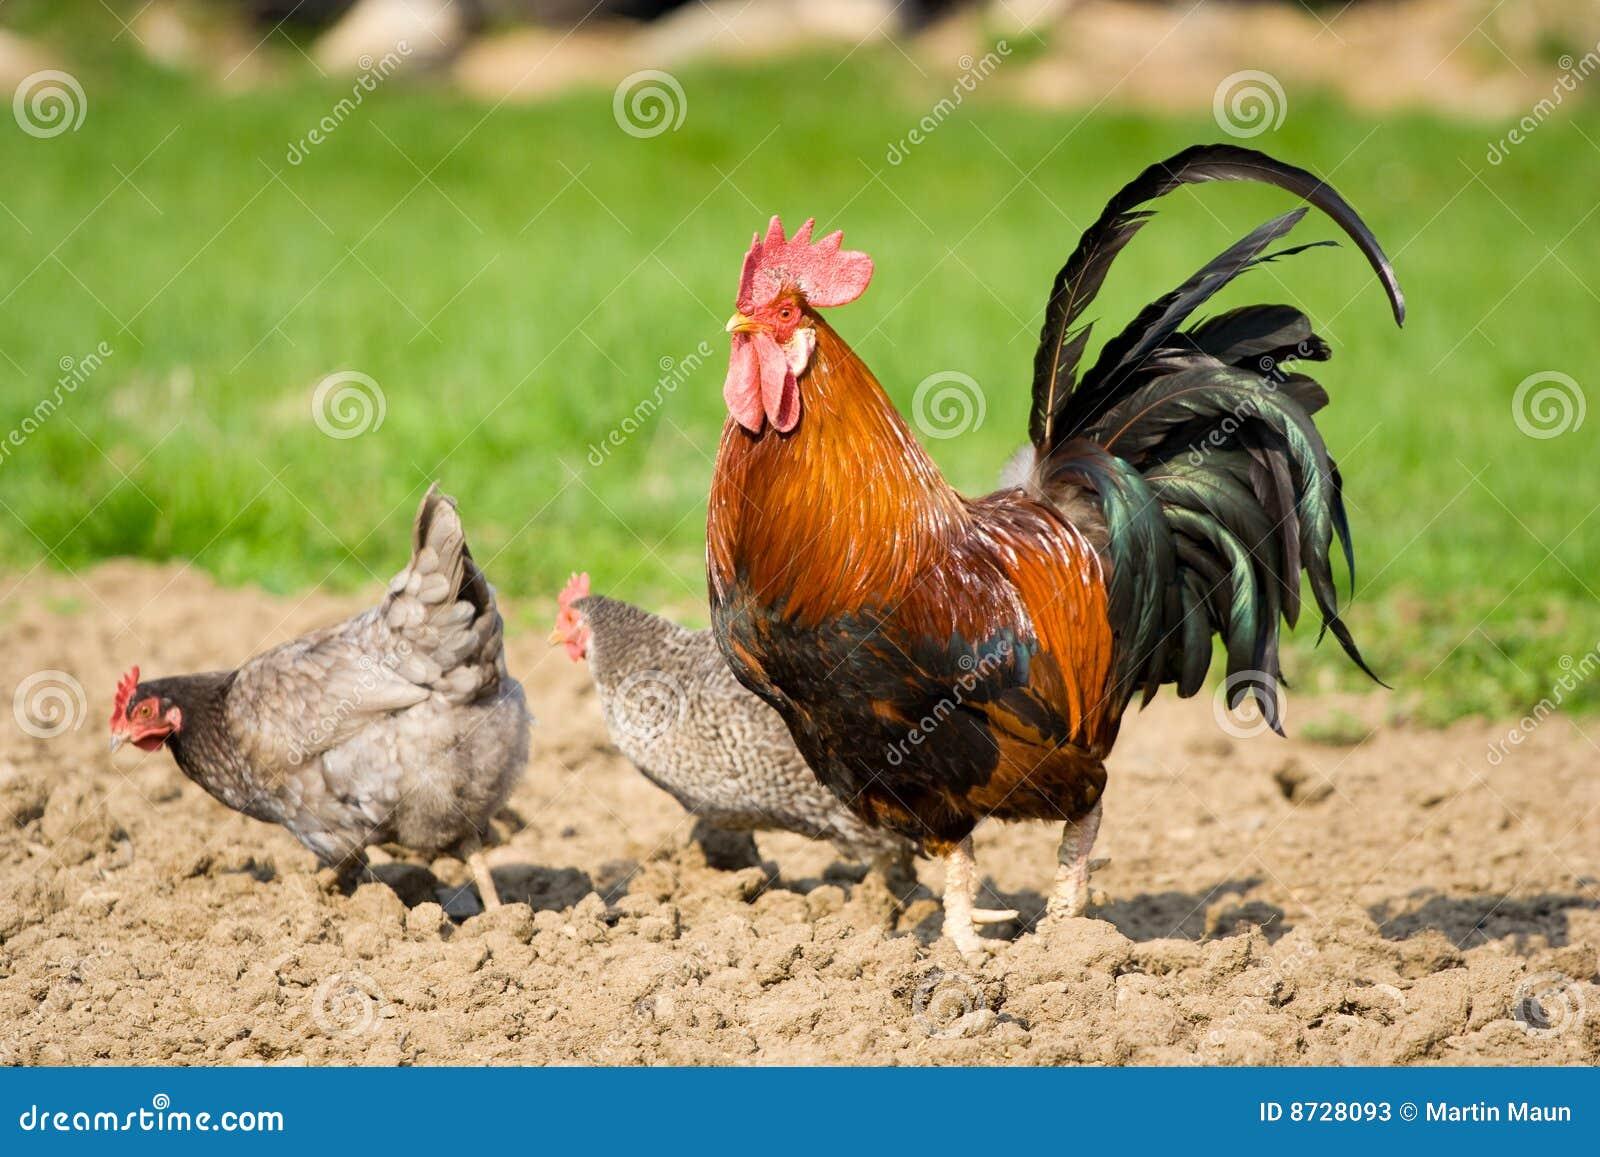 Coq et deux poules photos stock image 8728093 - Image de poule ...